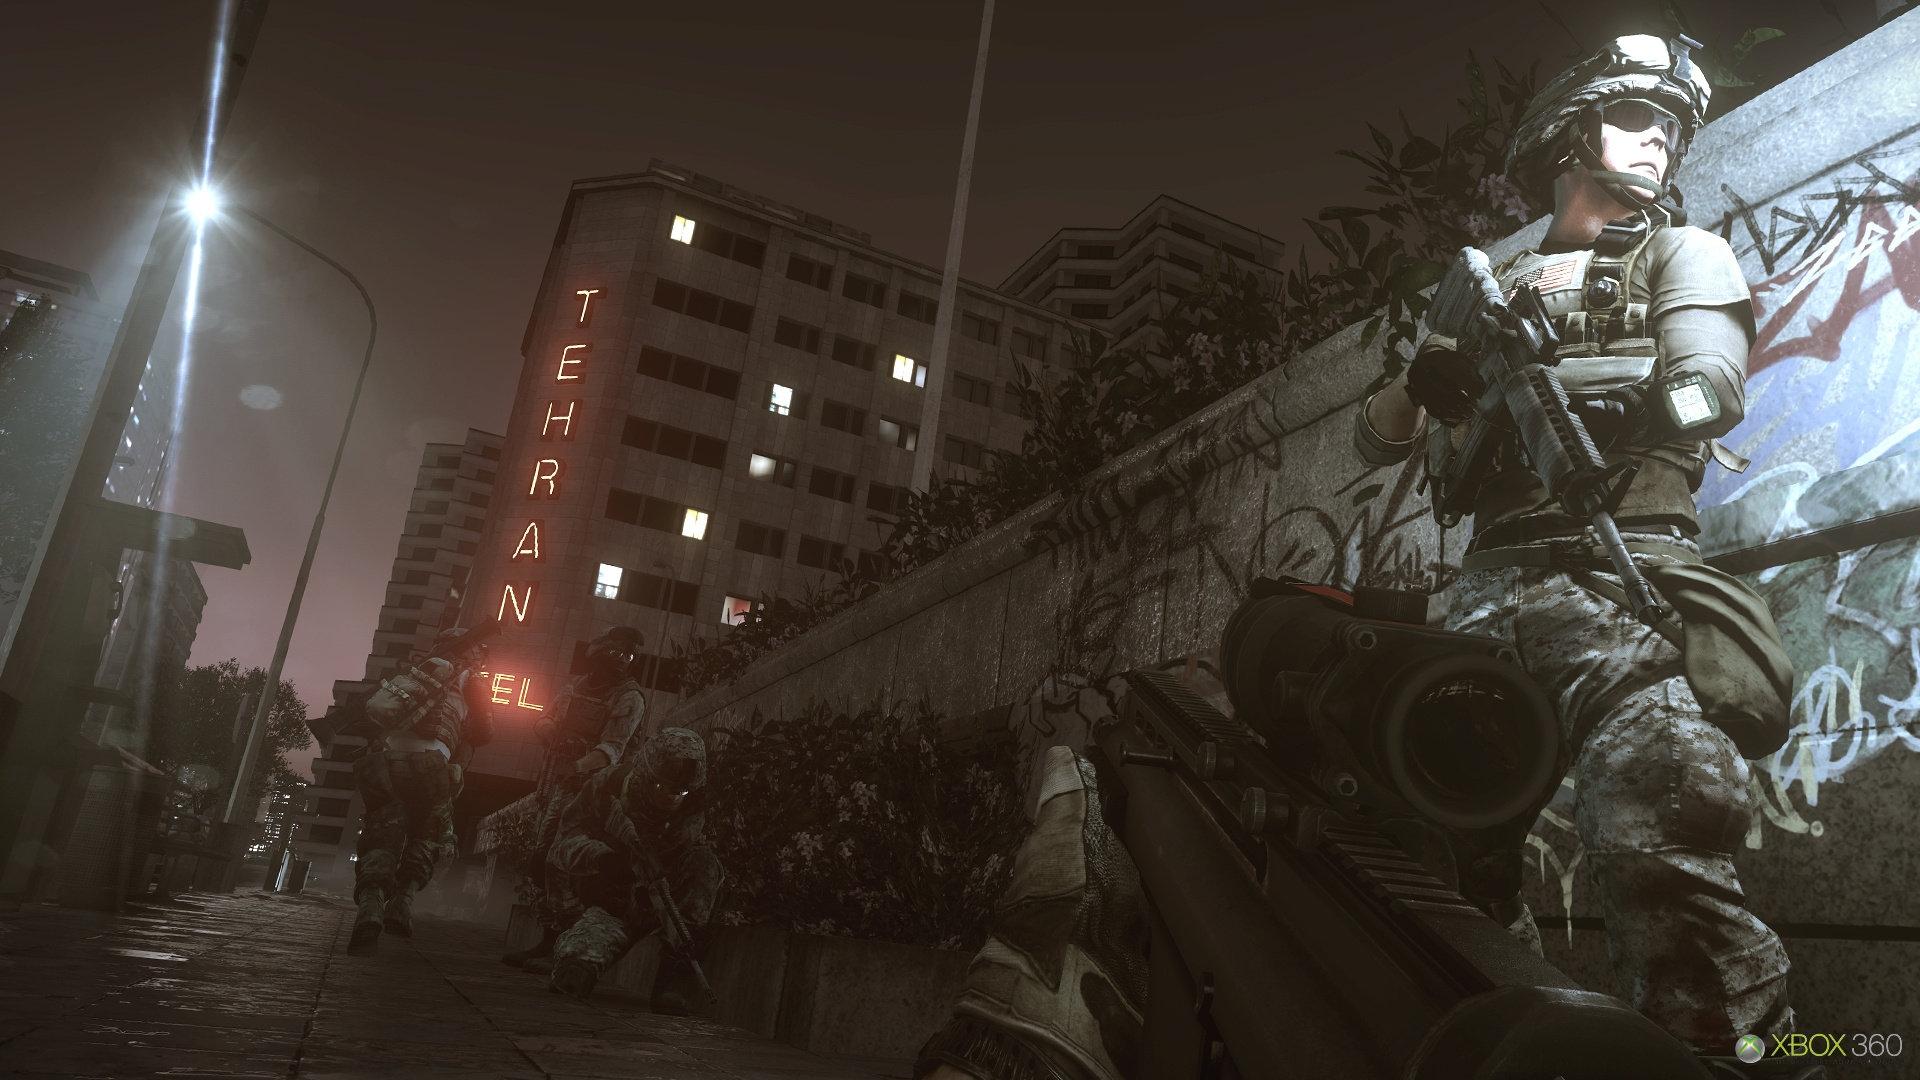 战地3 beta公测可能不适用于亚洲地区 9 21 游侠pc游戏综...